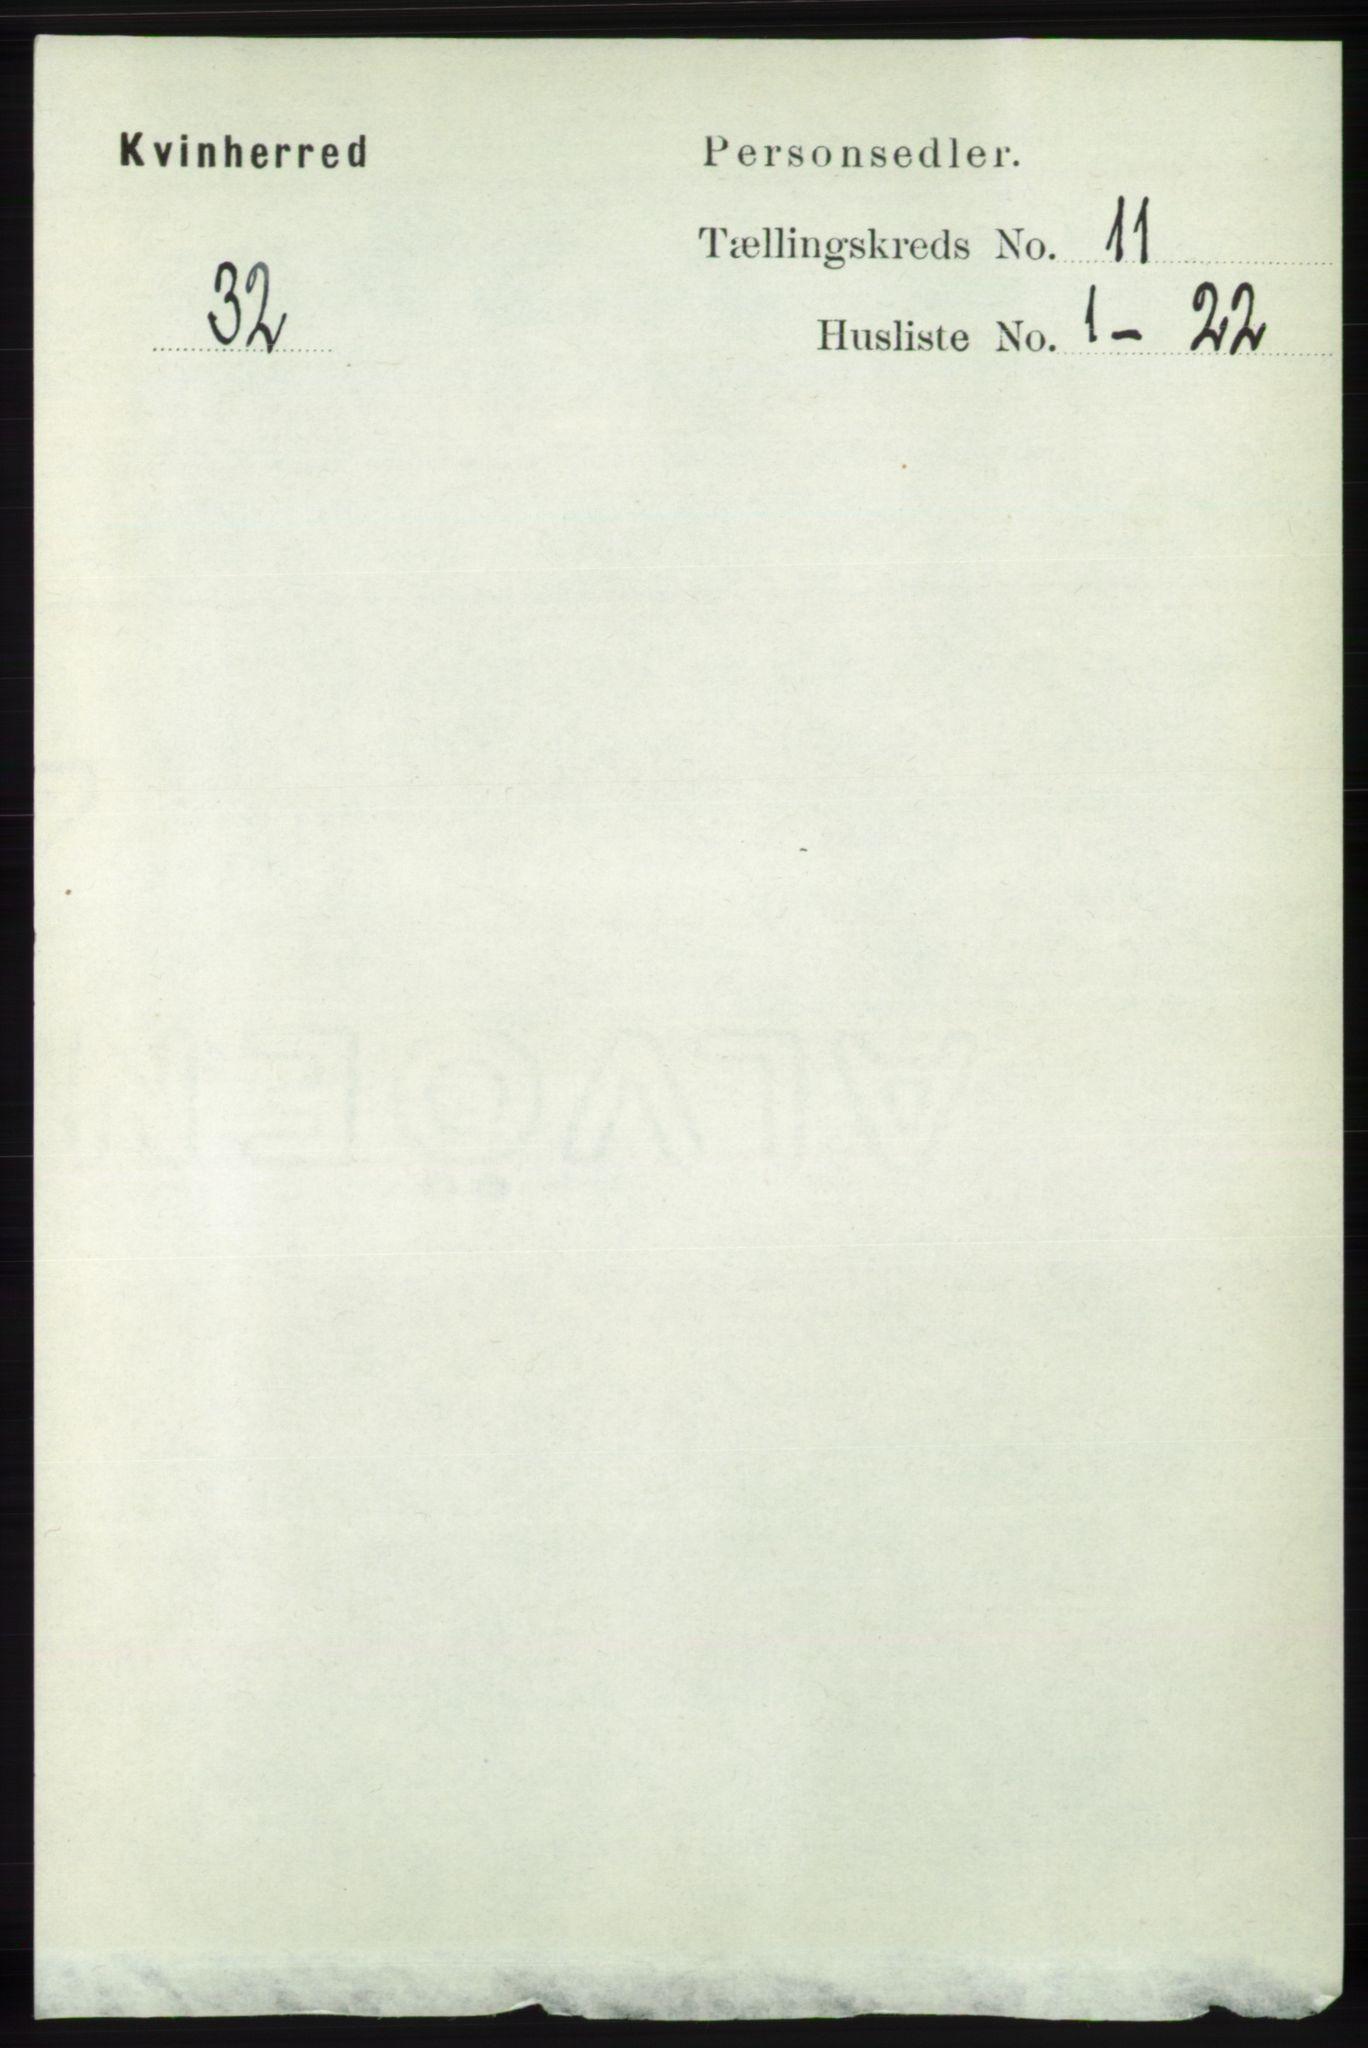 RA, Folketelling 1891 for 1224 Kvinnherad herred, 1891, s. 3809